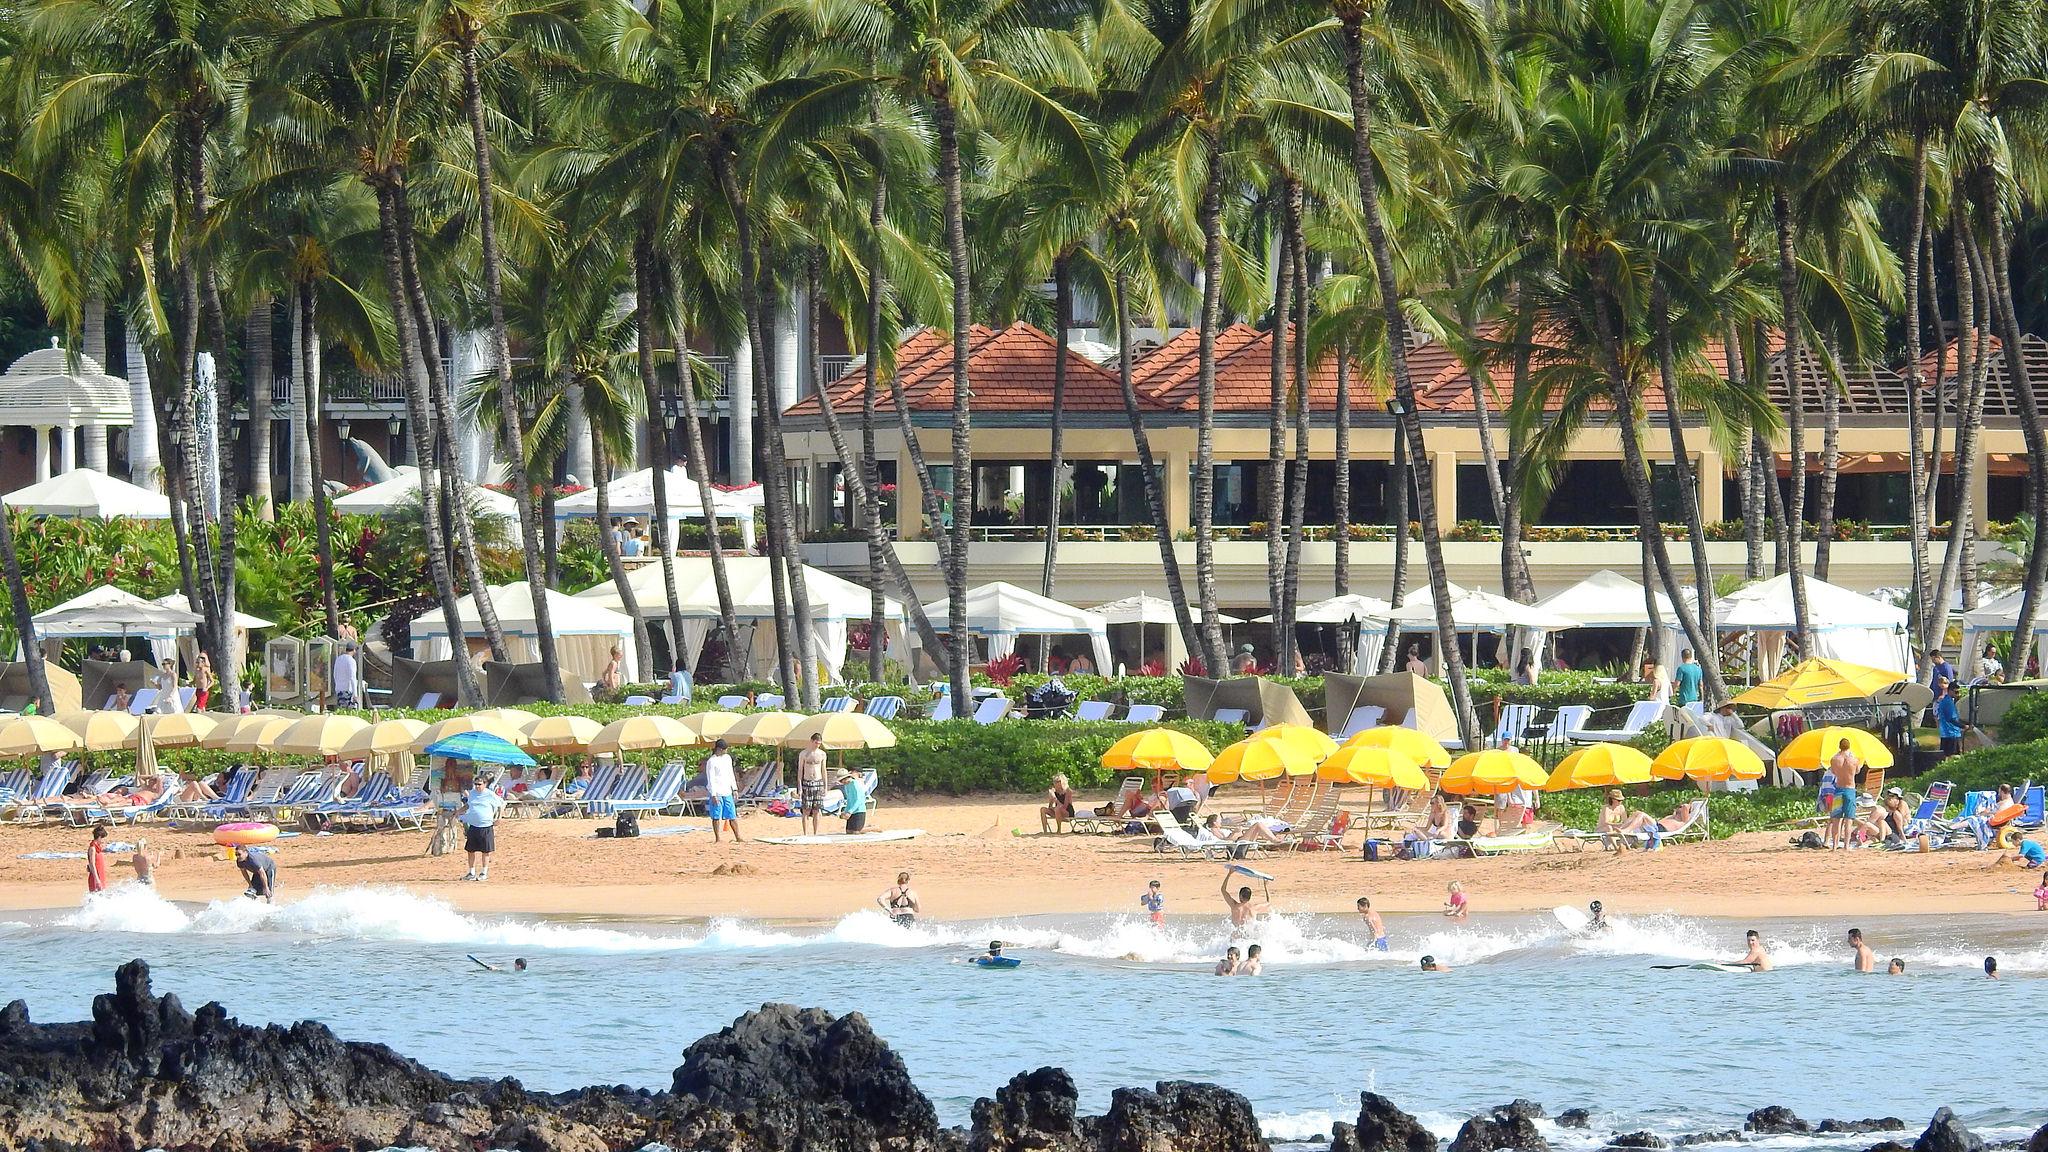 maui visit travel tip: where to stay on maui - a maui blog